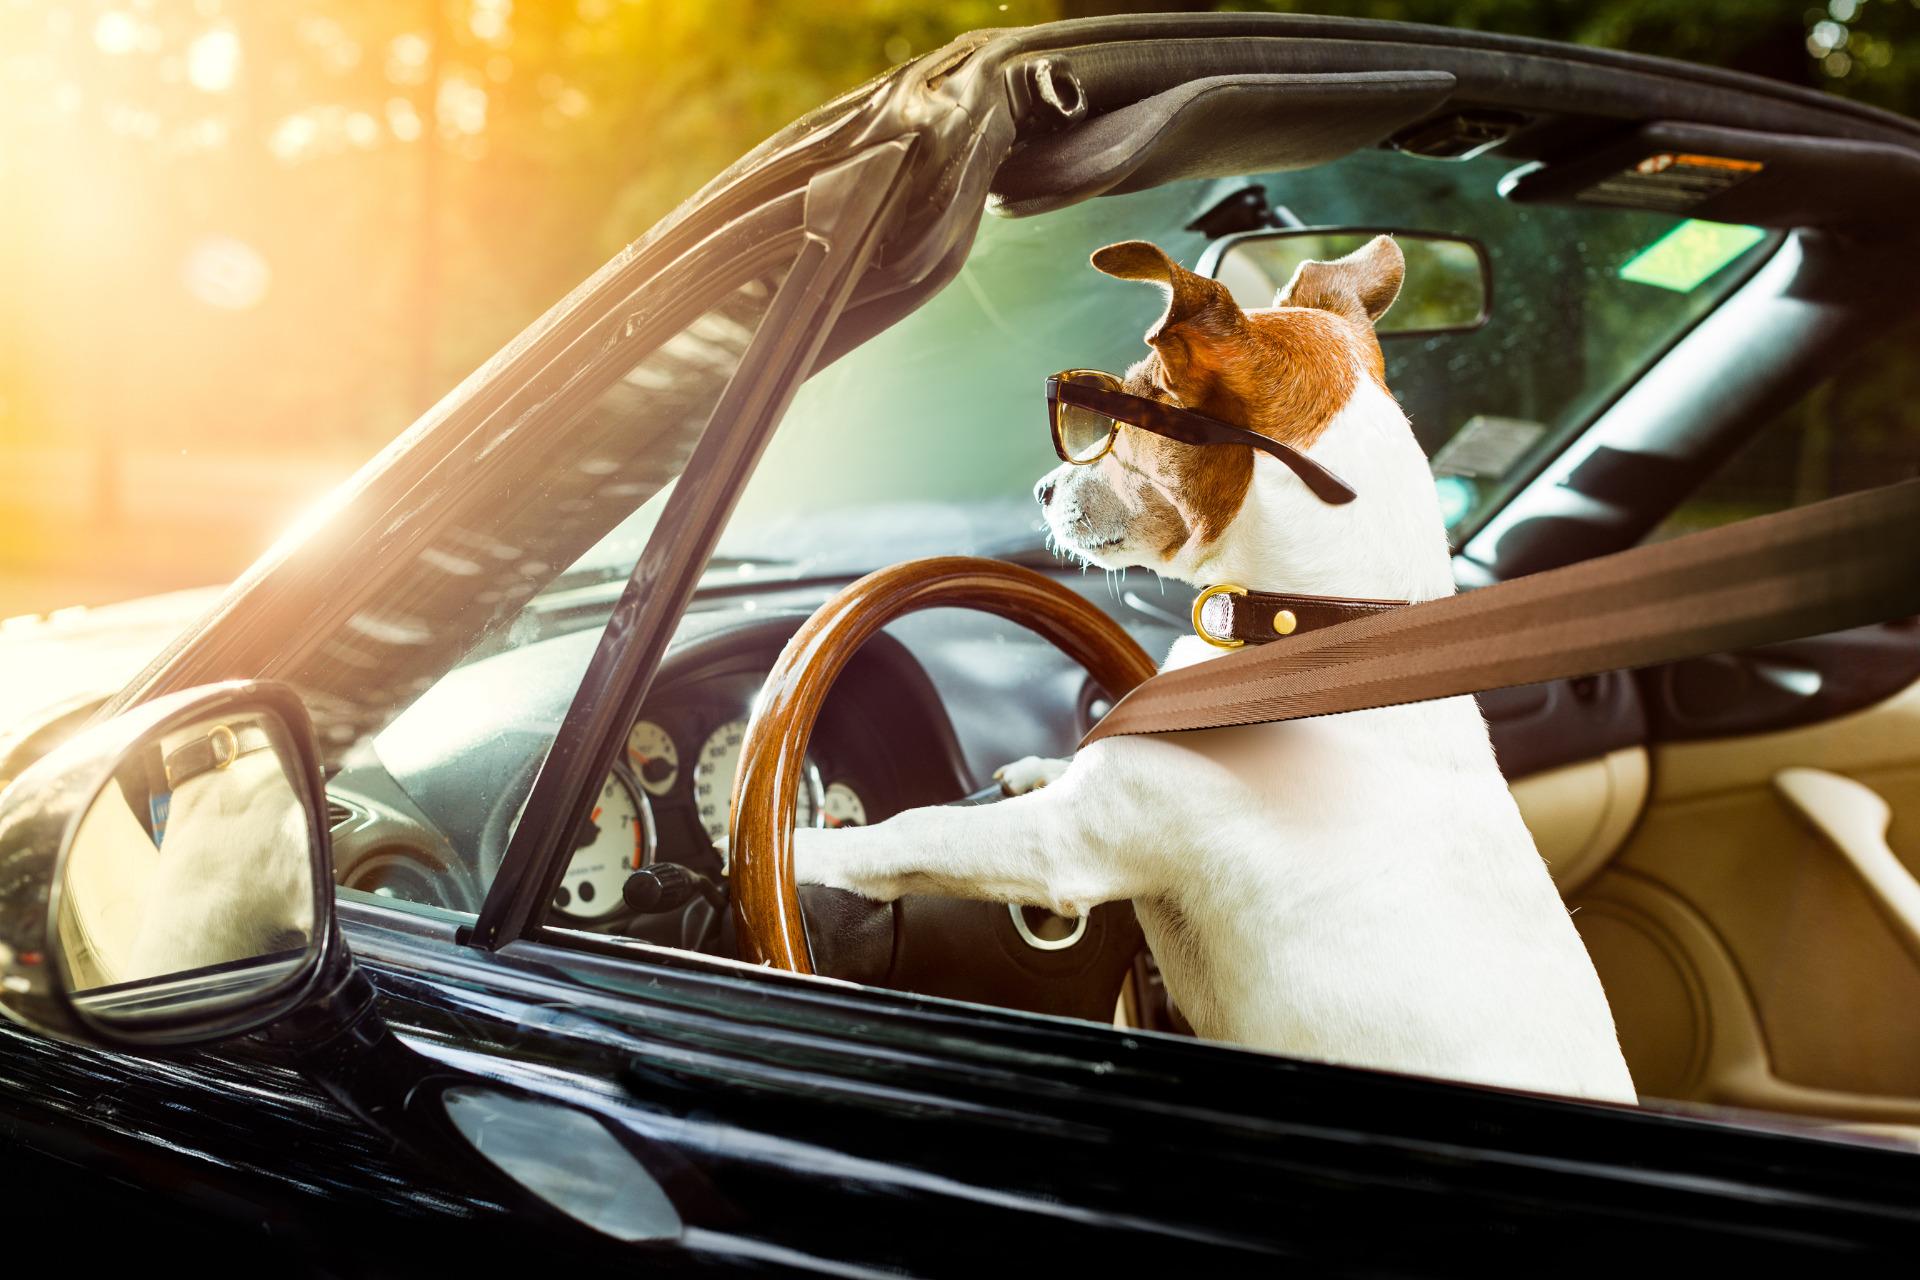 Focus mensuel : La sécurité routière au travail, sommes-nous vraiment tous de bons conducteurs ?